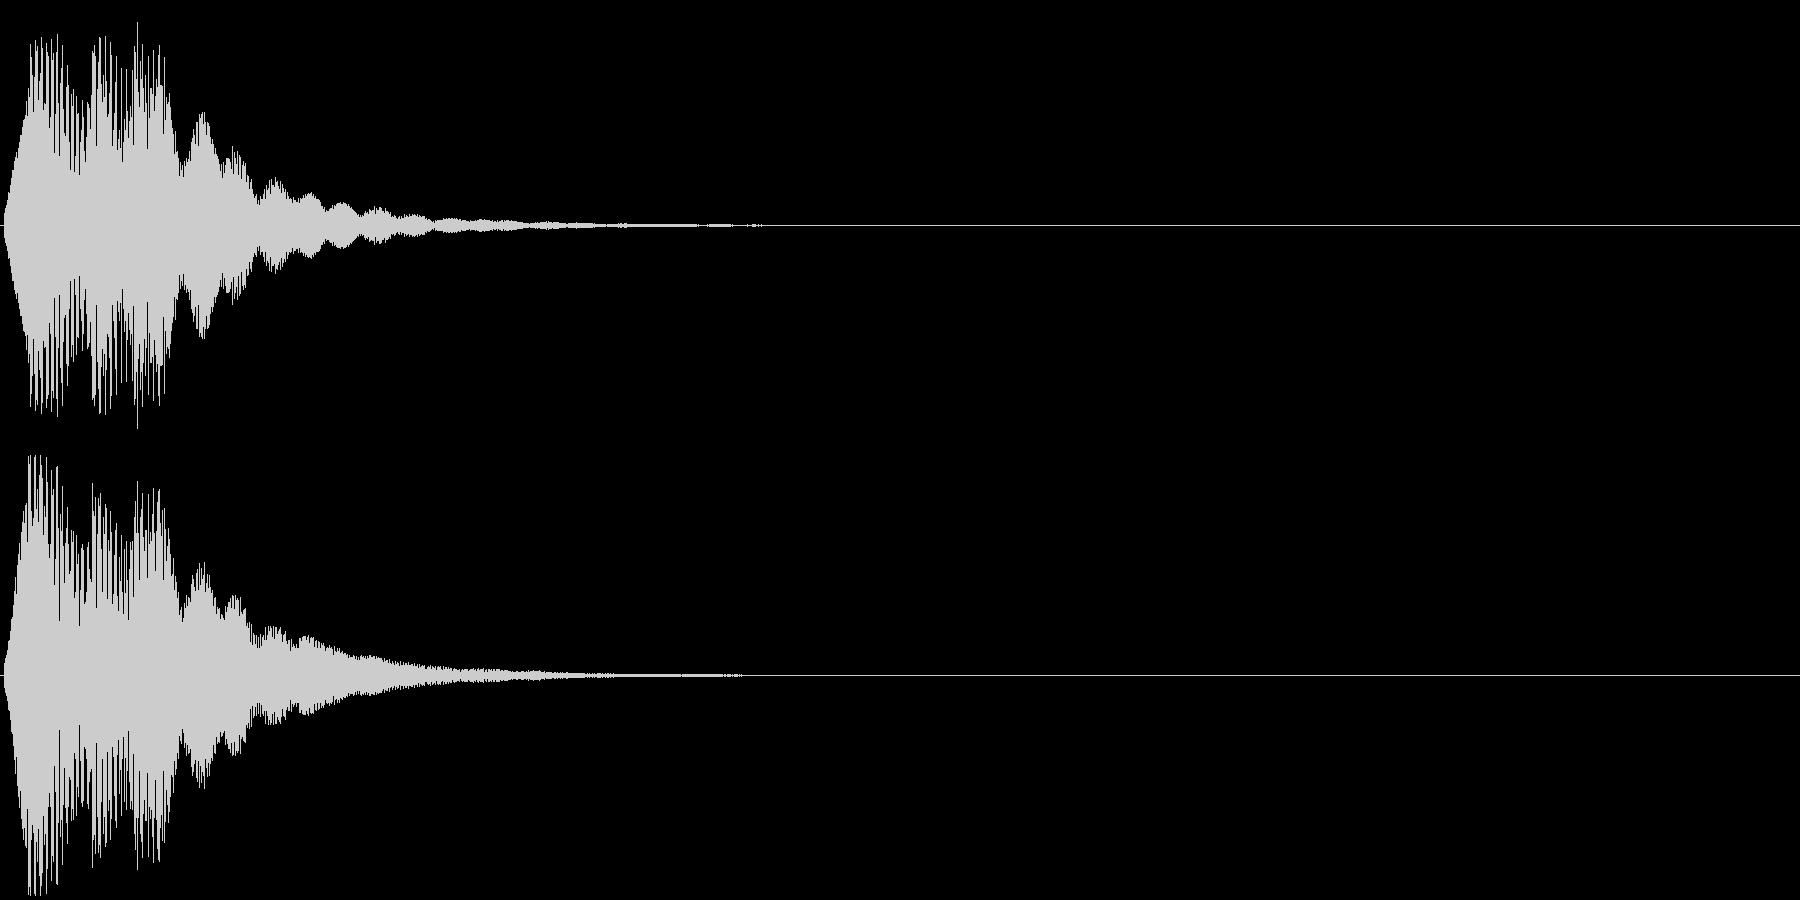 「表示」キャプション/テロップ_002の未再生の波形